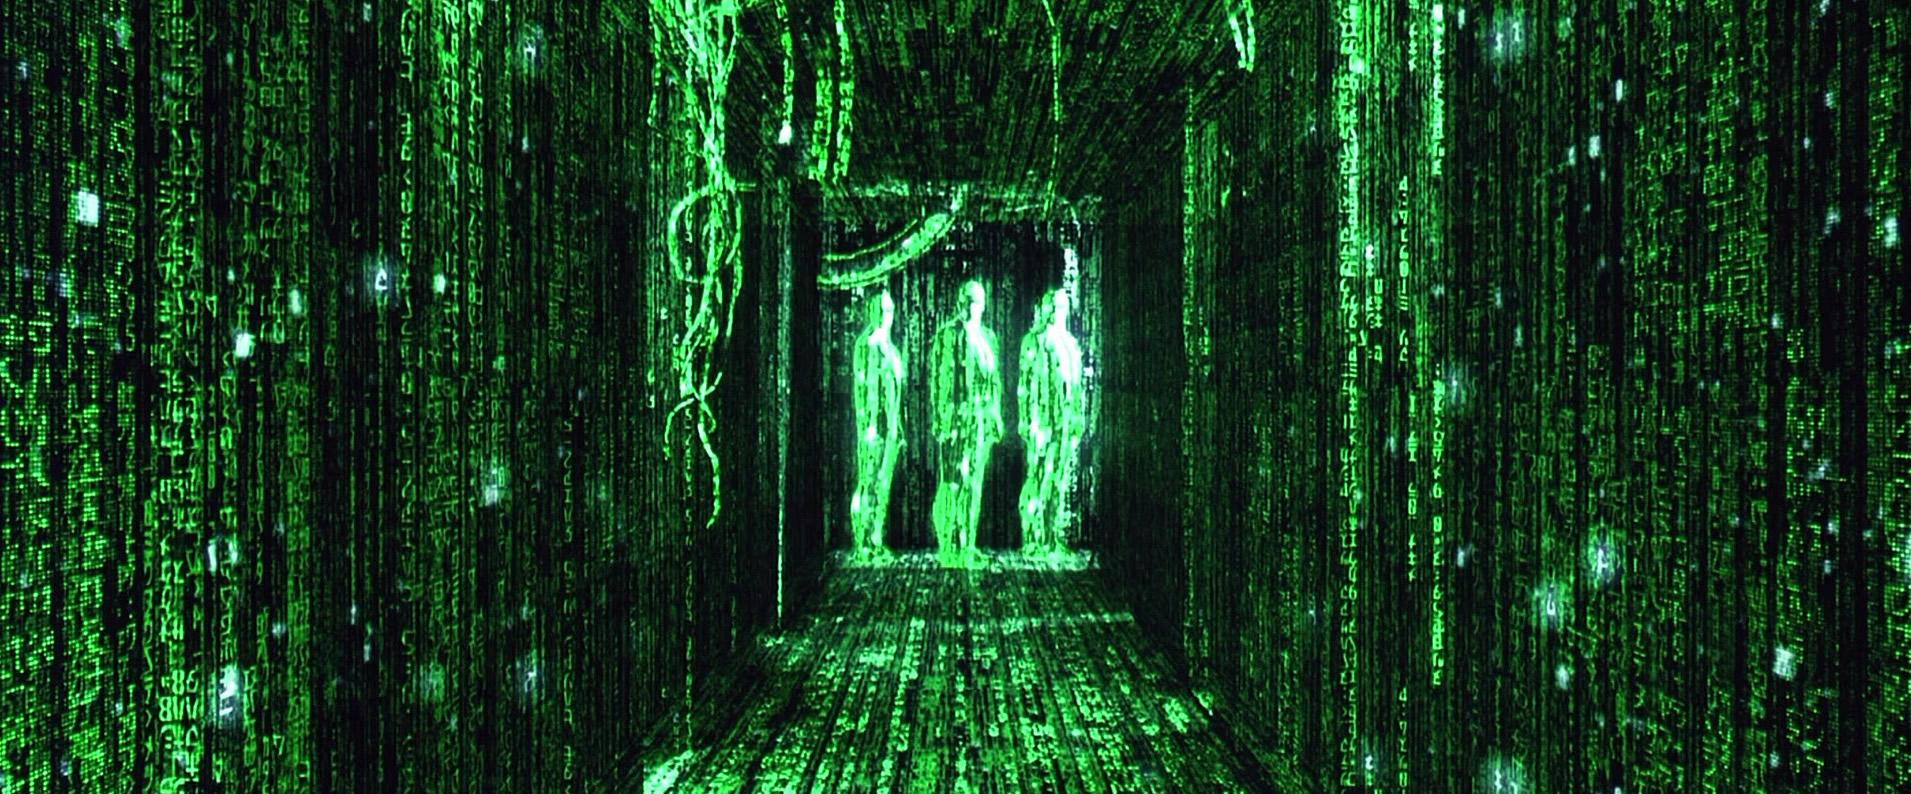 Co je to Matrix? (4. století př. Kř)